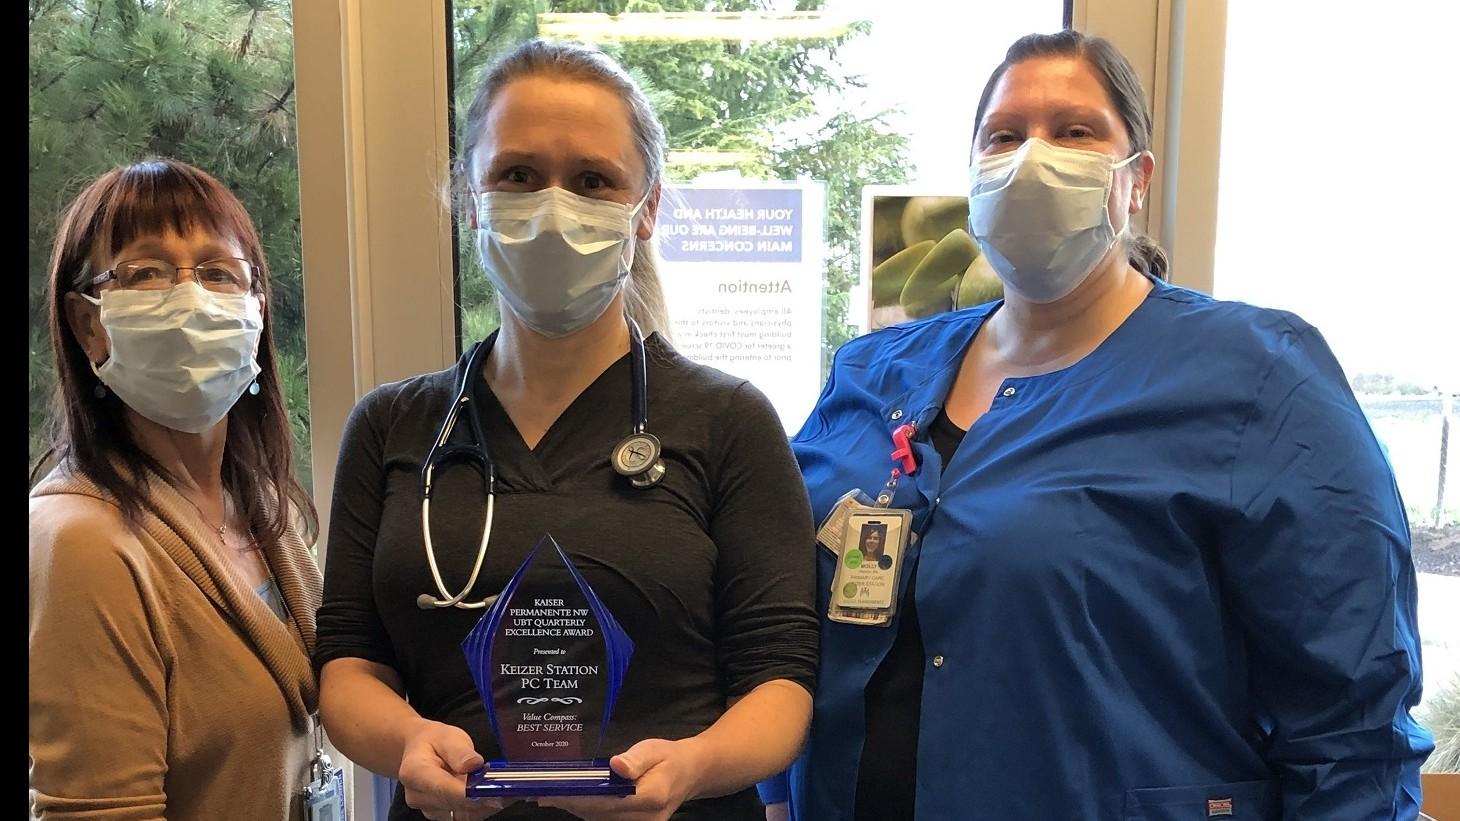 3 women, wearing mask, posing with an award